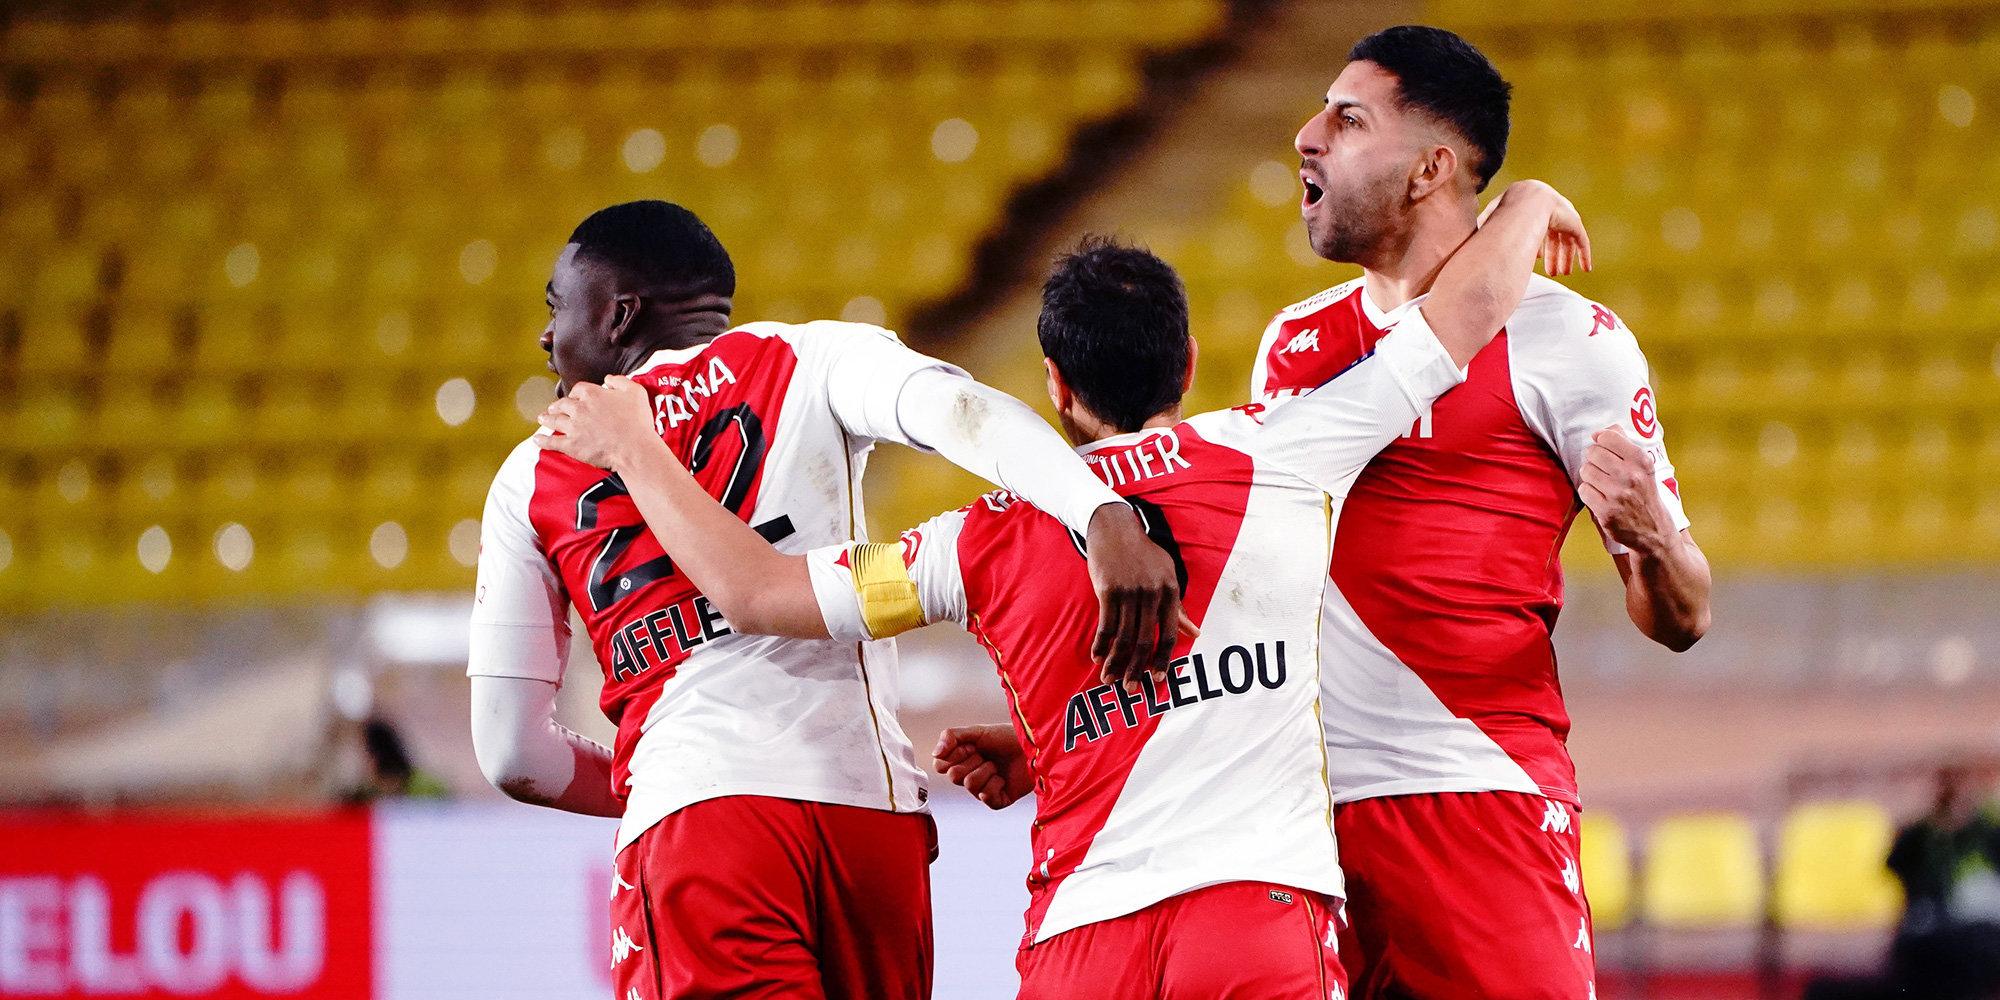 «Монако» без Головина ушел от поражения в матче с «Лорьяном»